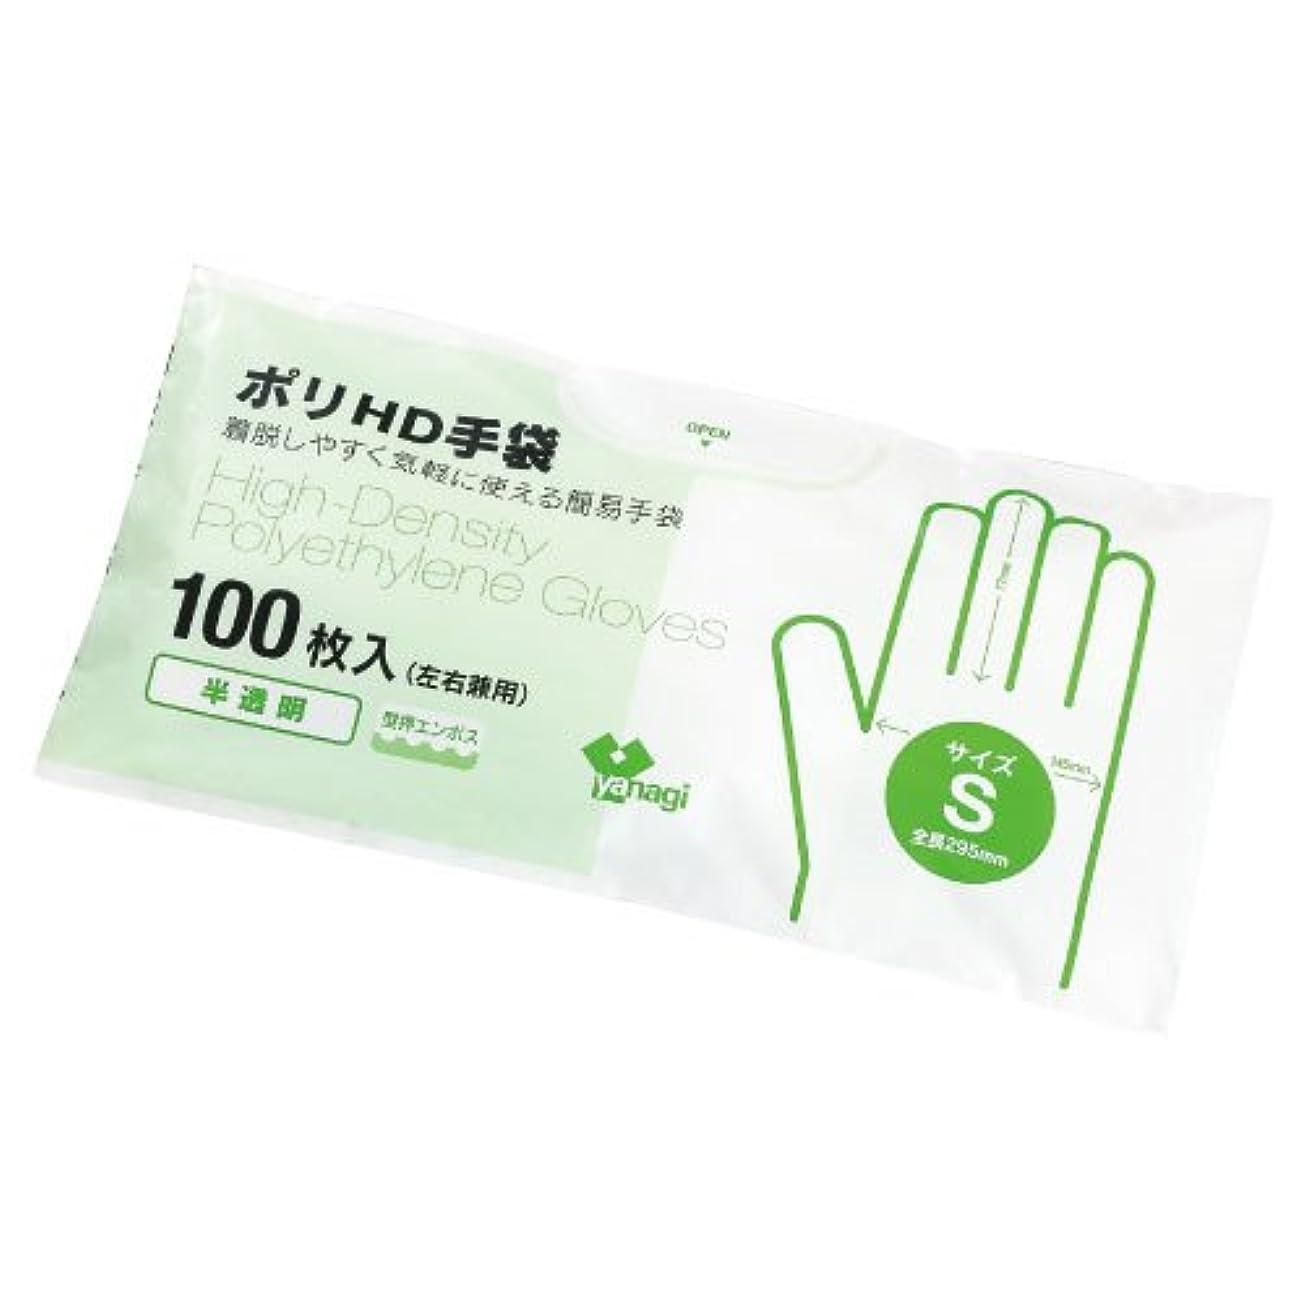 悲鳴耕す険しいポリHD手袋(半透明)型押エンボス TB-202(S)100???? ???HD???????????????(24-2575-00)【やなぎプロダクツ】[120袋単位]